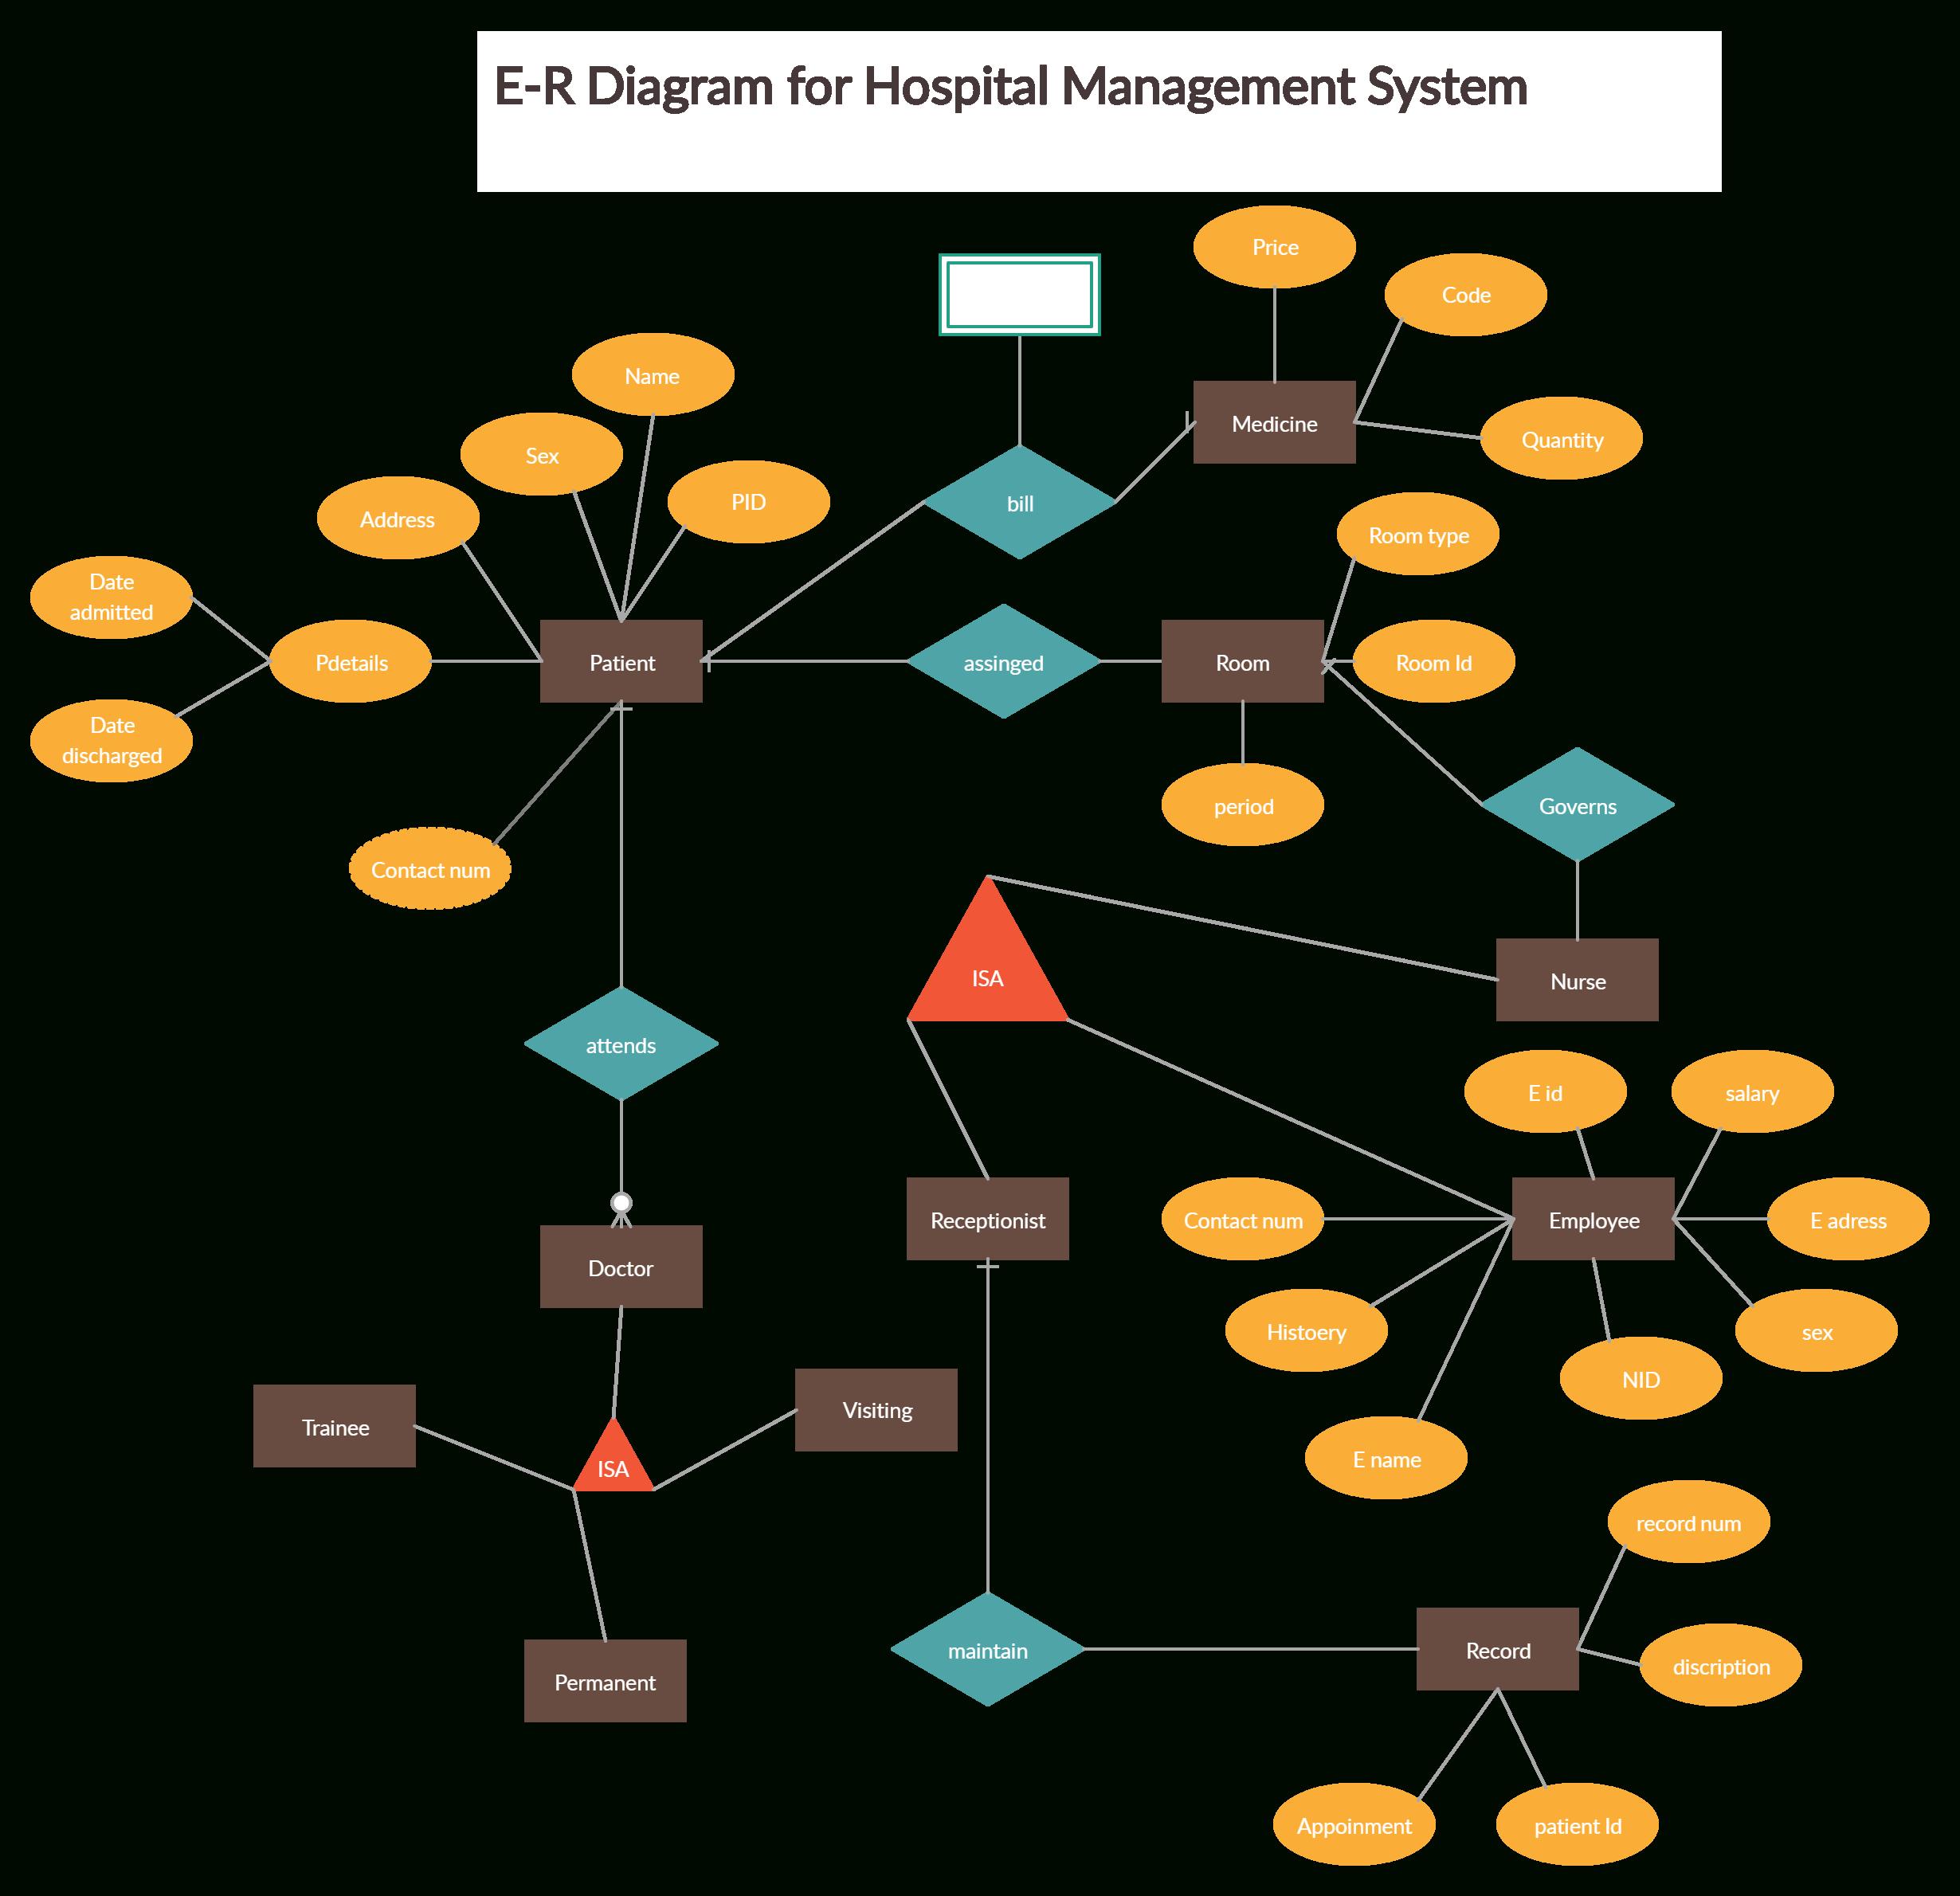 Hospital Management System | Relationship Diagram